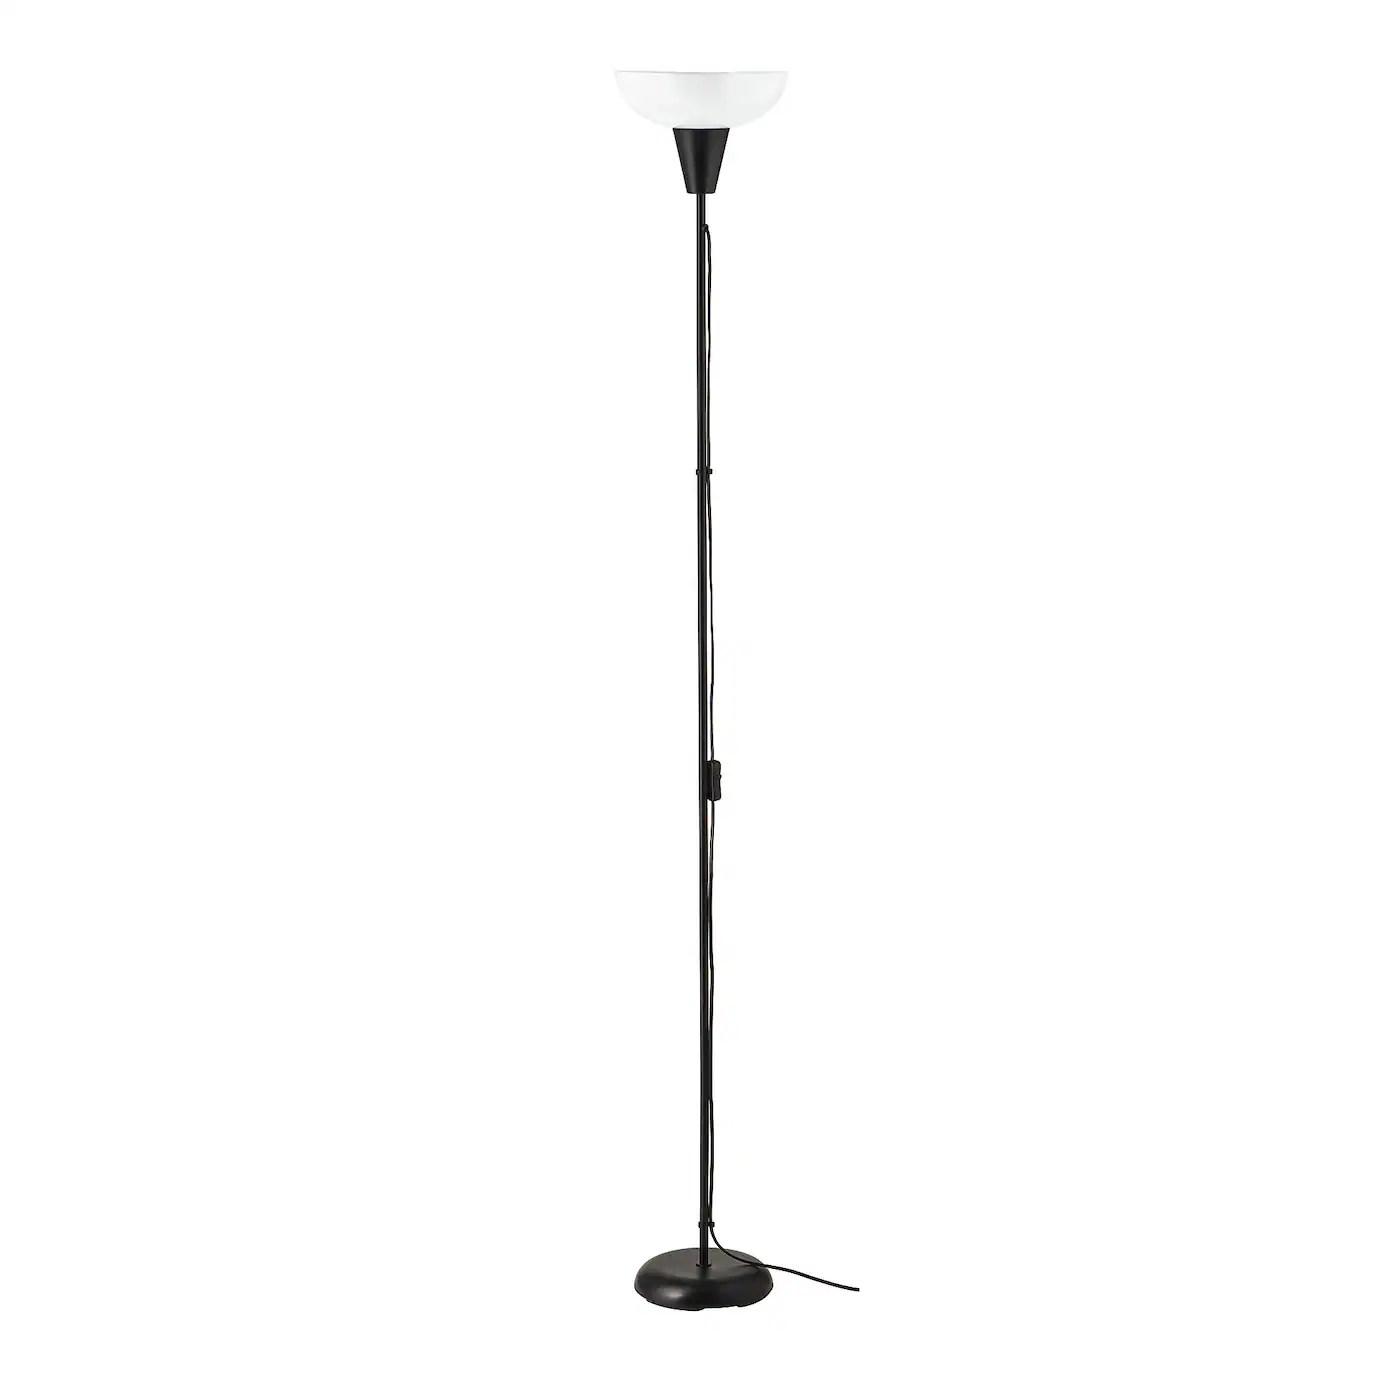 lamps light fixtures ikea